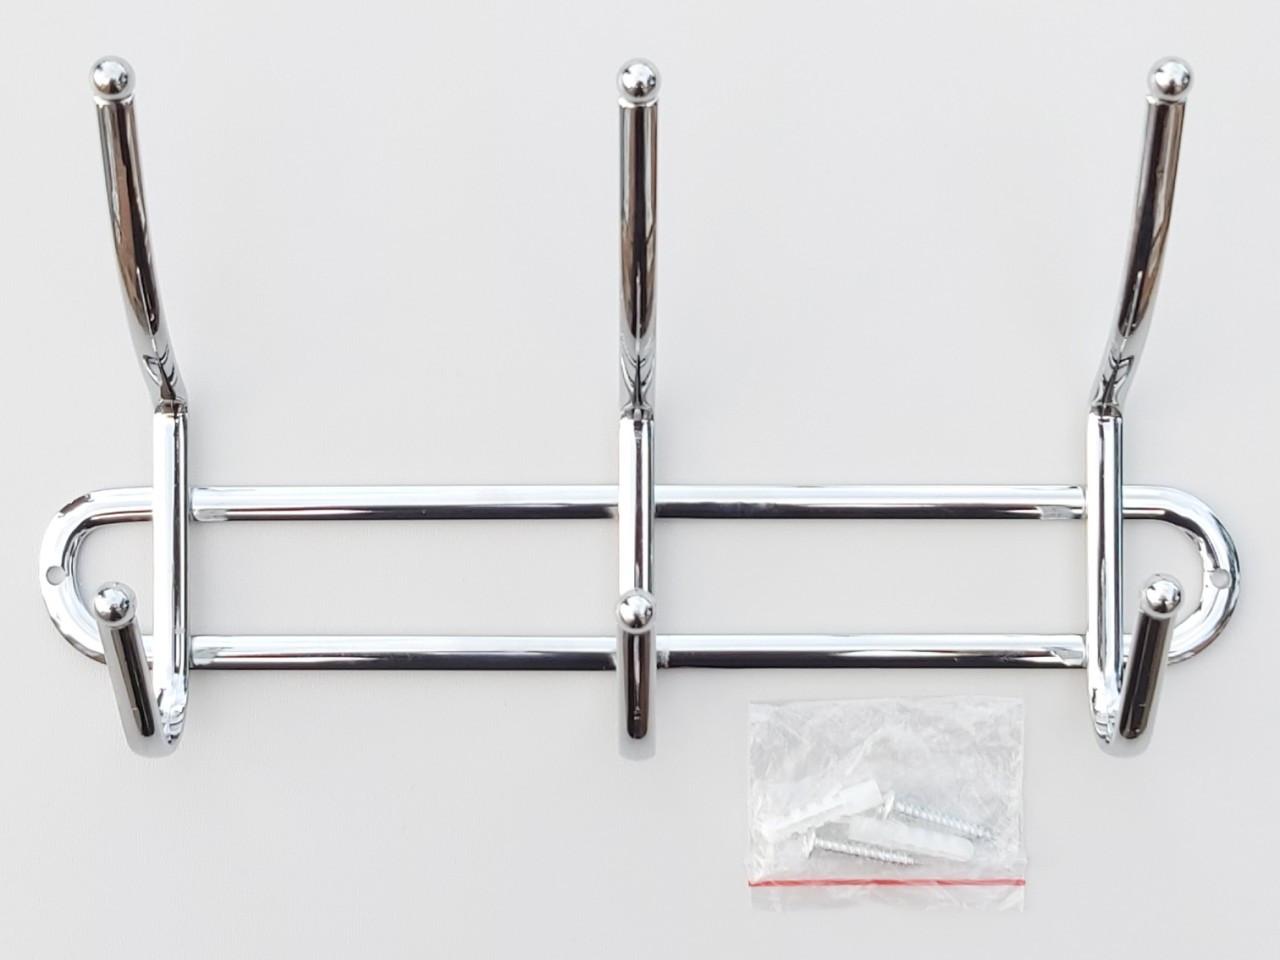 Длина 26 см. Вешалка настенная ВНК3 металлическая хромированная на 3 крючка